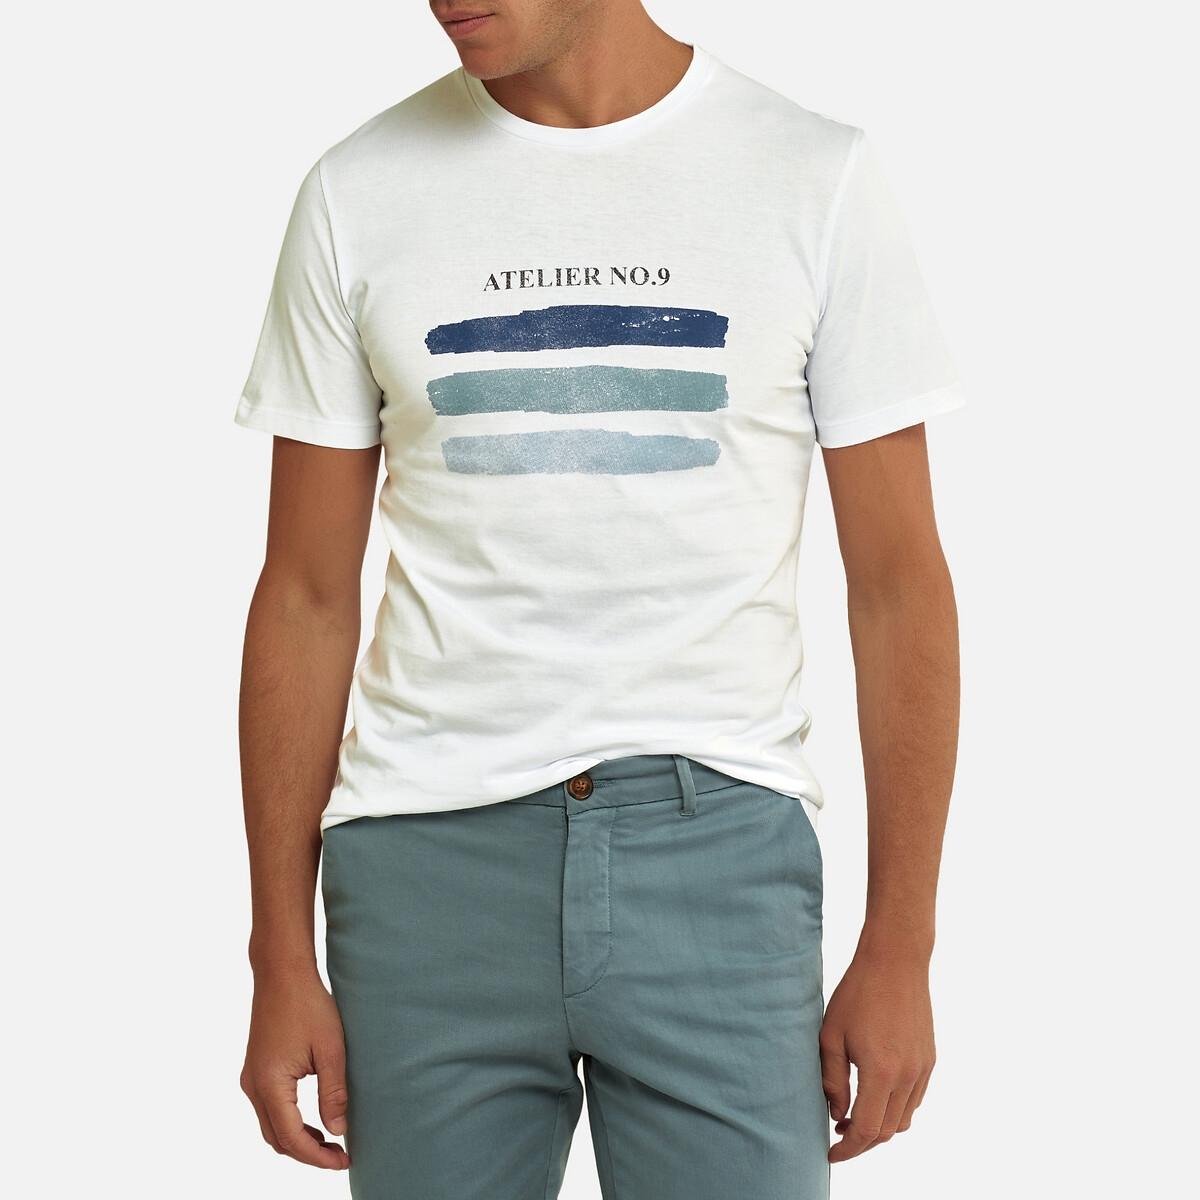 Футболка La Redoute С круглым вырезом короткие рукава с принтом спереди S белый футболка la redoute с круглым вырезом и принтом спереди 3 года 94 см серый